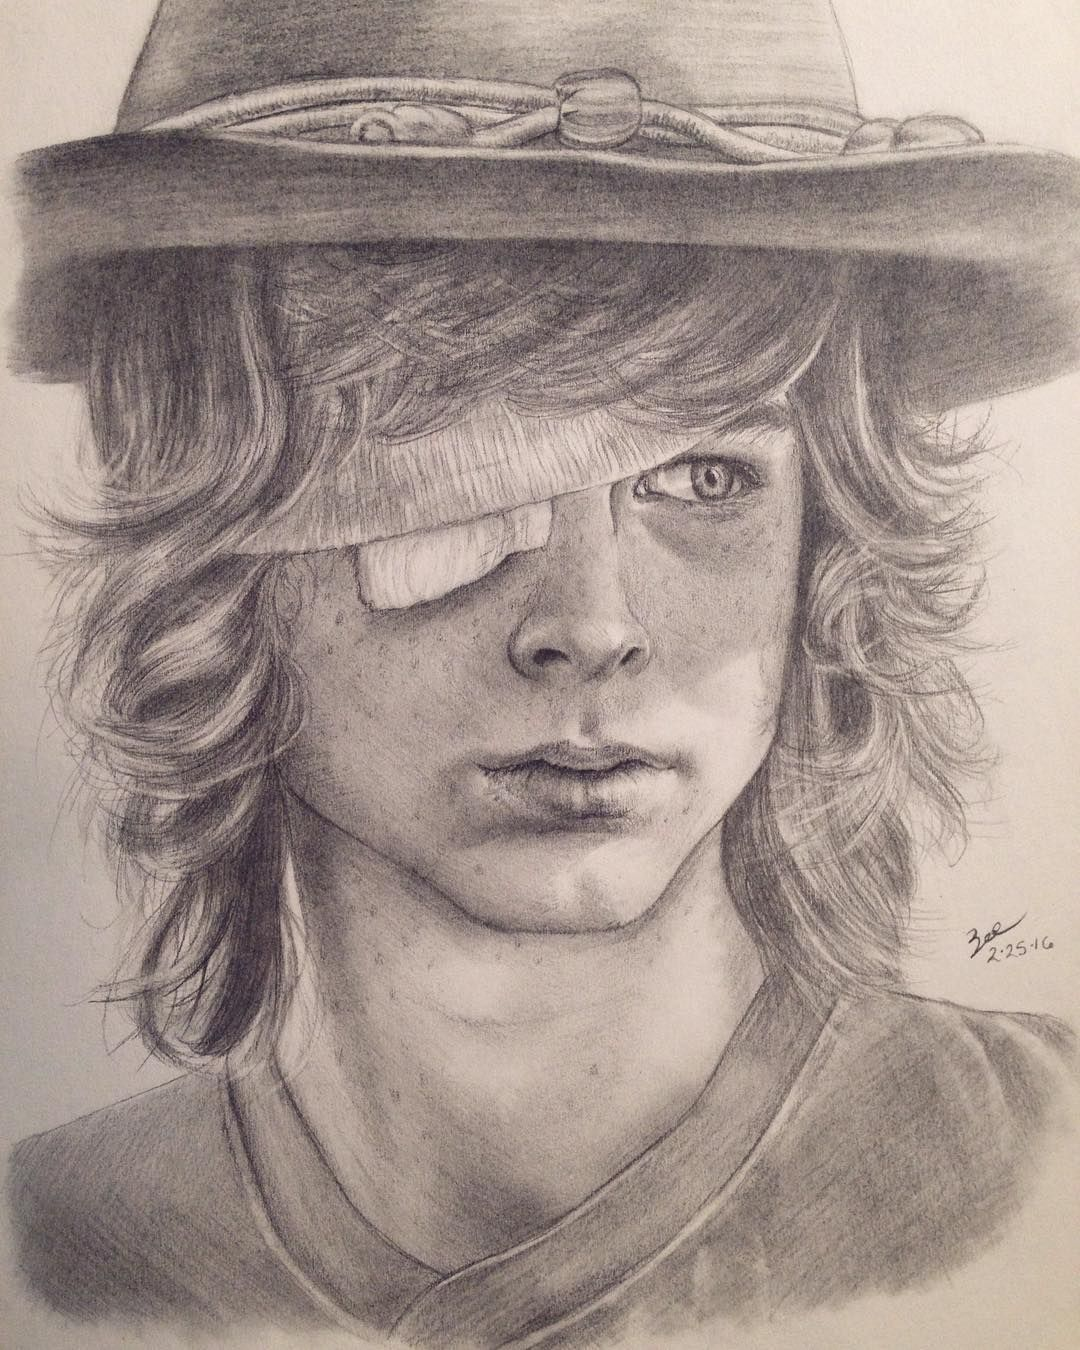 Carl Grimes I Find The Art Very Nice Wish I Knew Who The Artist Was Walking Dead Art Walking Dead Drawings Fear The Walking Dead